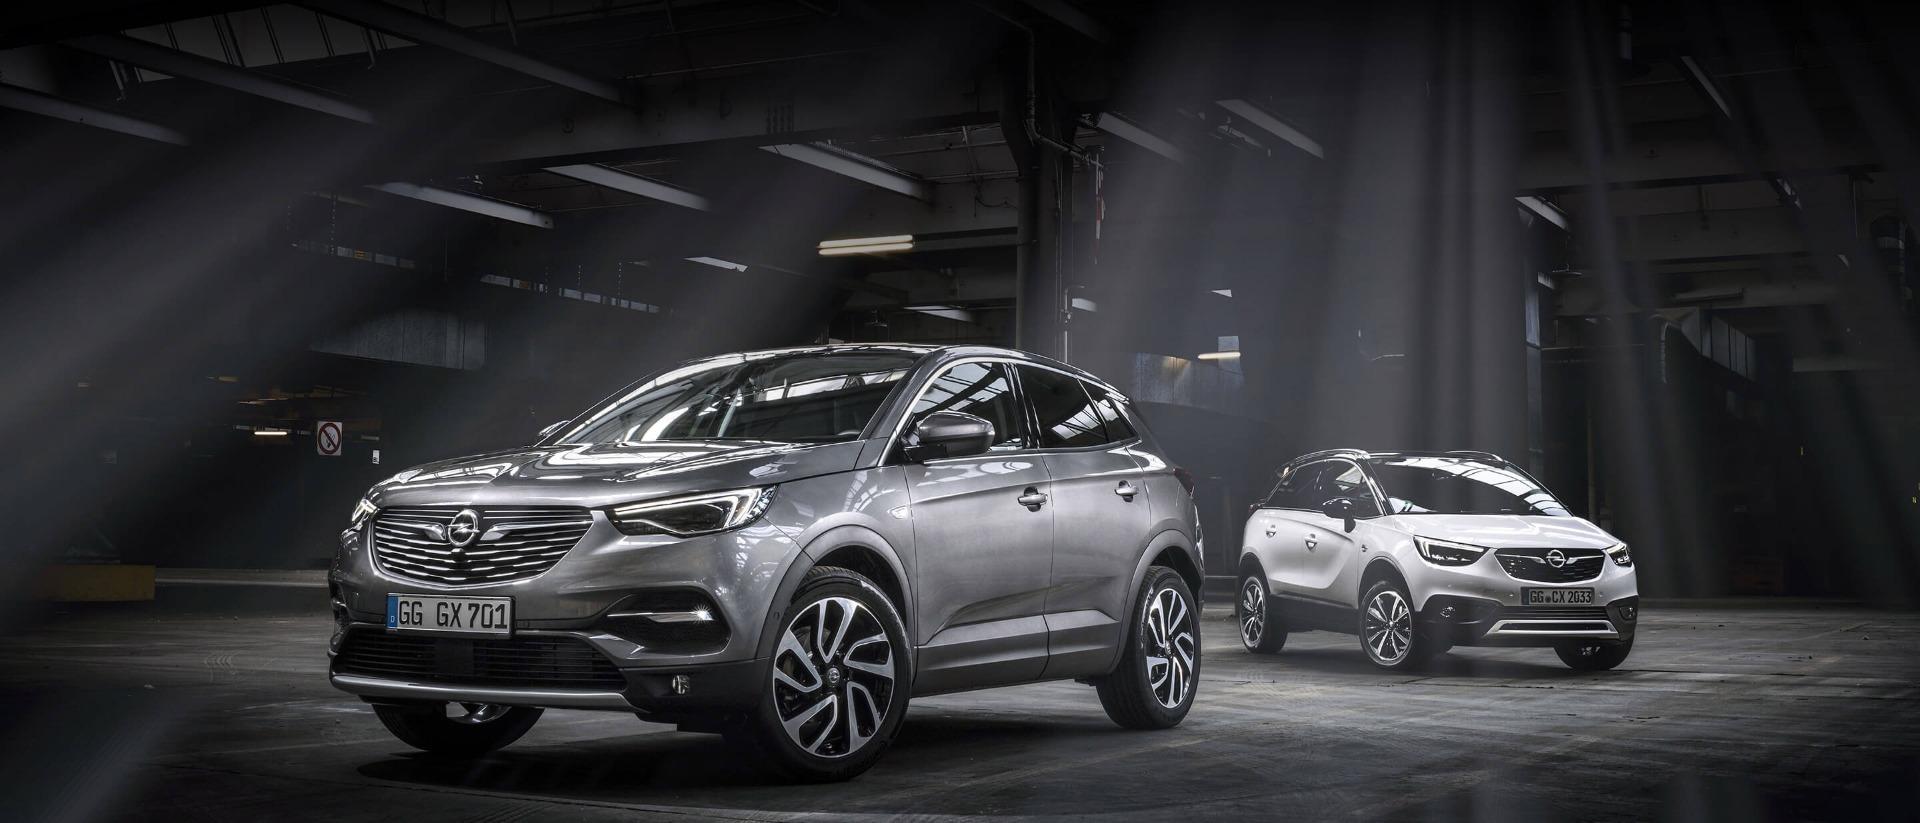 Opel Grandland X, Opel Crossland X, зовнішній вигляд